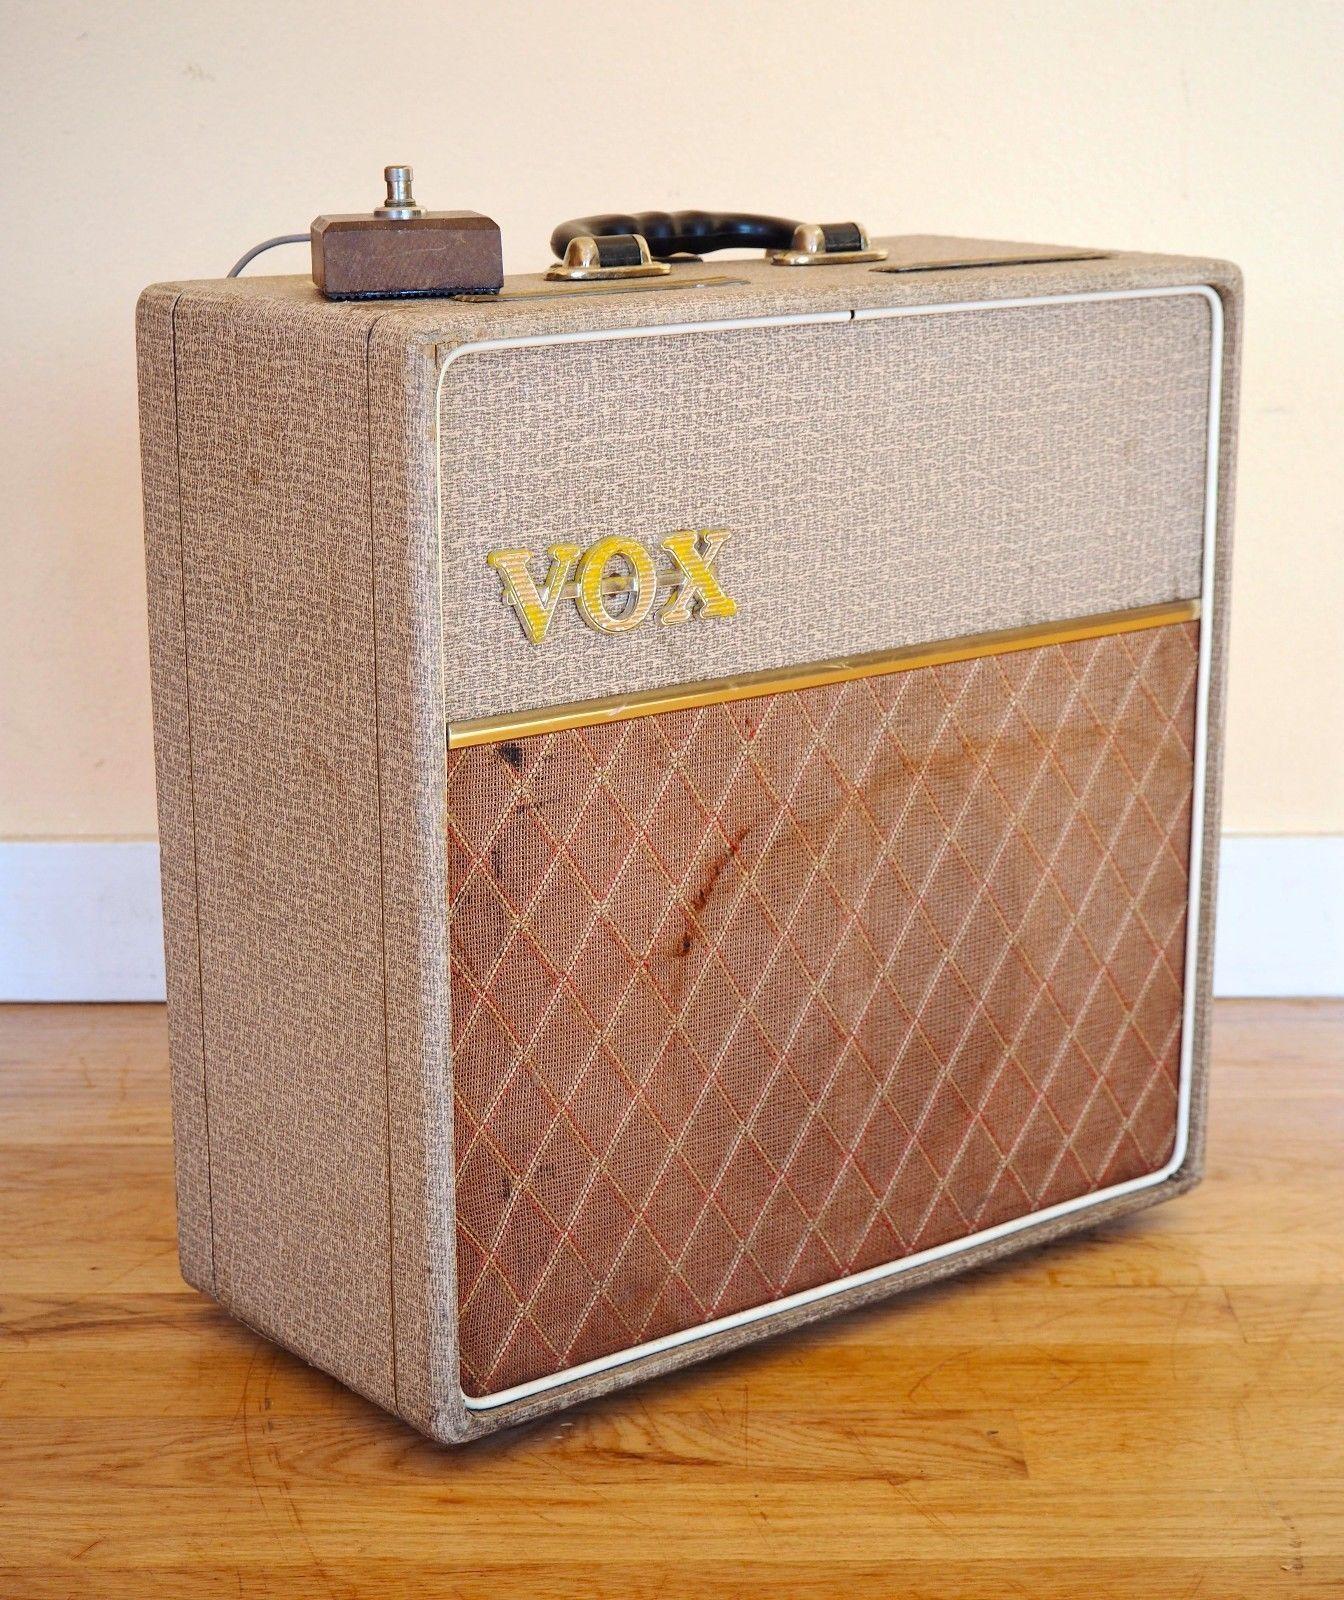 Details about 1962 Vox AC4 Vintage Class A Tube Amplifier Fawn JMI